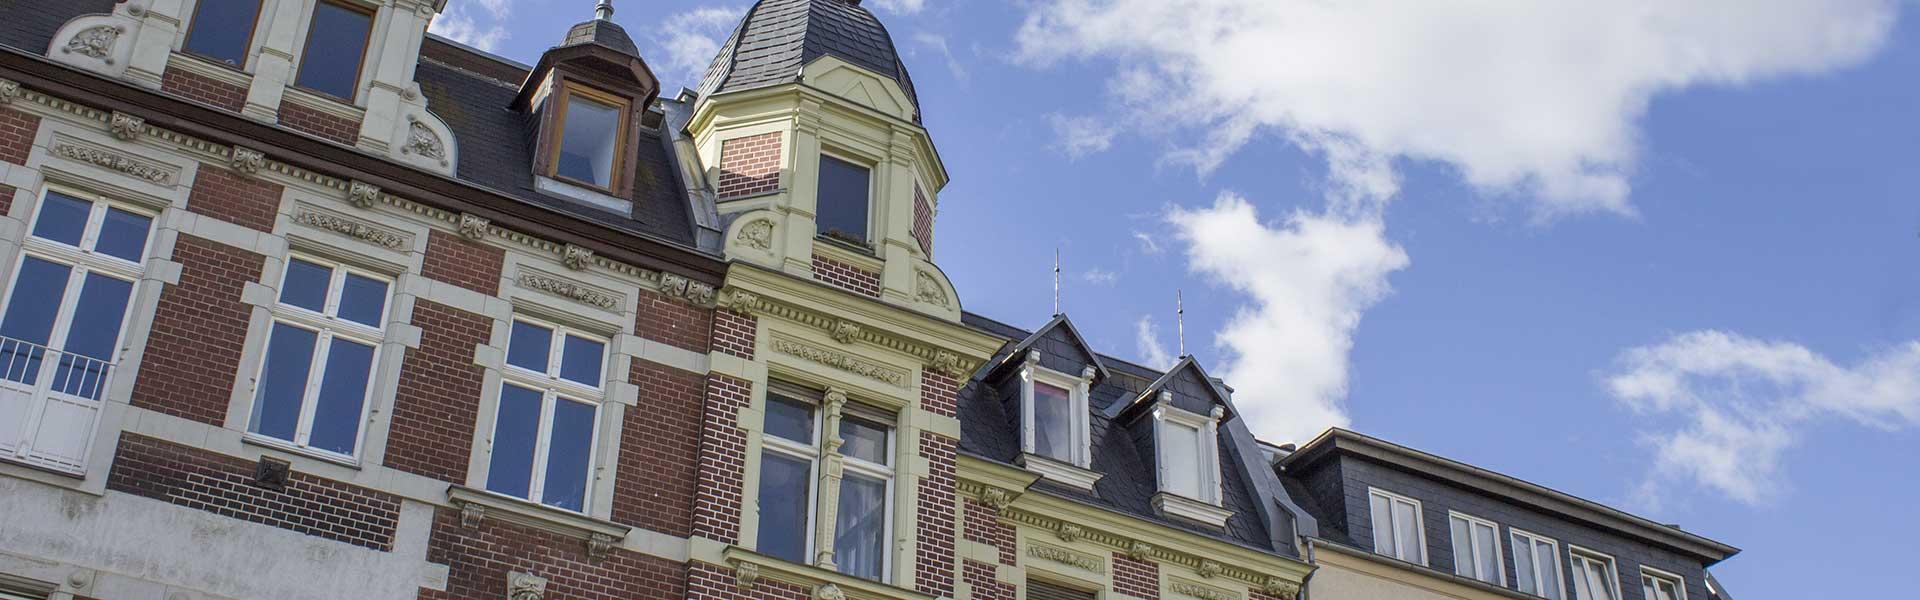 Schiemenz Haus- und Hofbetreuung, Ihre Hausverwaltung in Cottbus und Umgebung, Wohneigentumsverwaltung